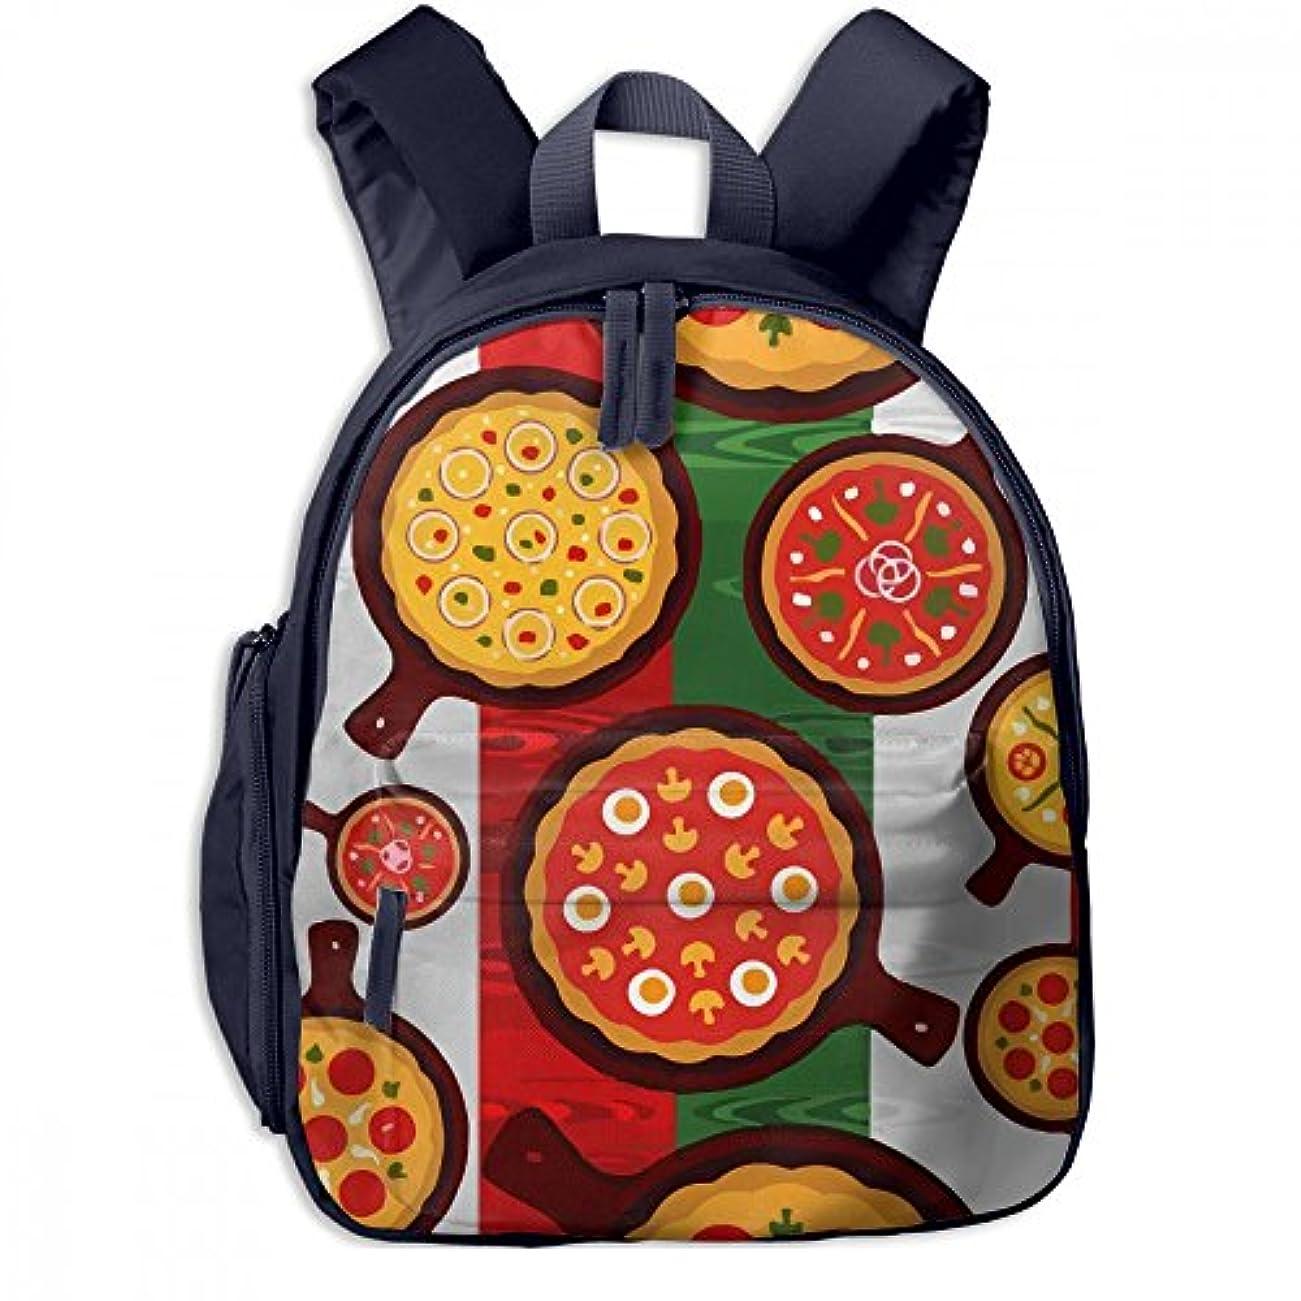 最少故国大宇宙ピザ かわいい 子供用バックパック 綺麗 キッズ リュック 実用性 通学 パック ポケット付き